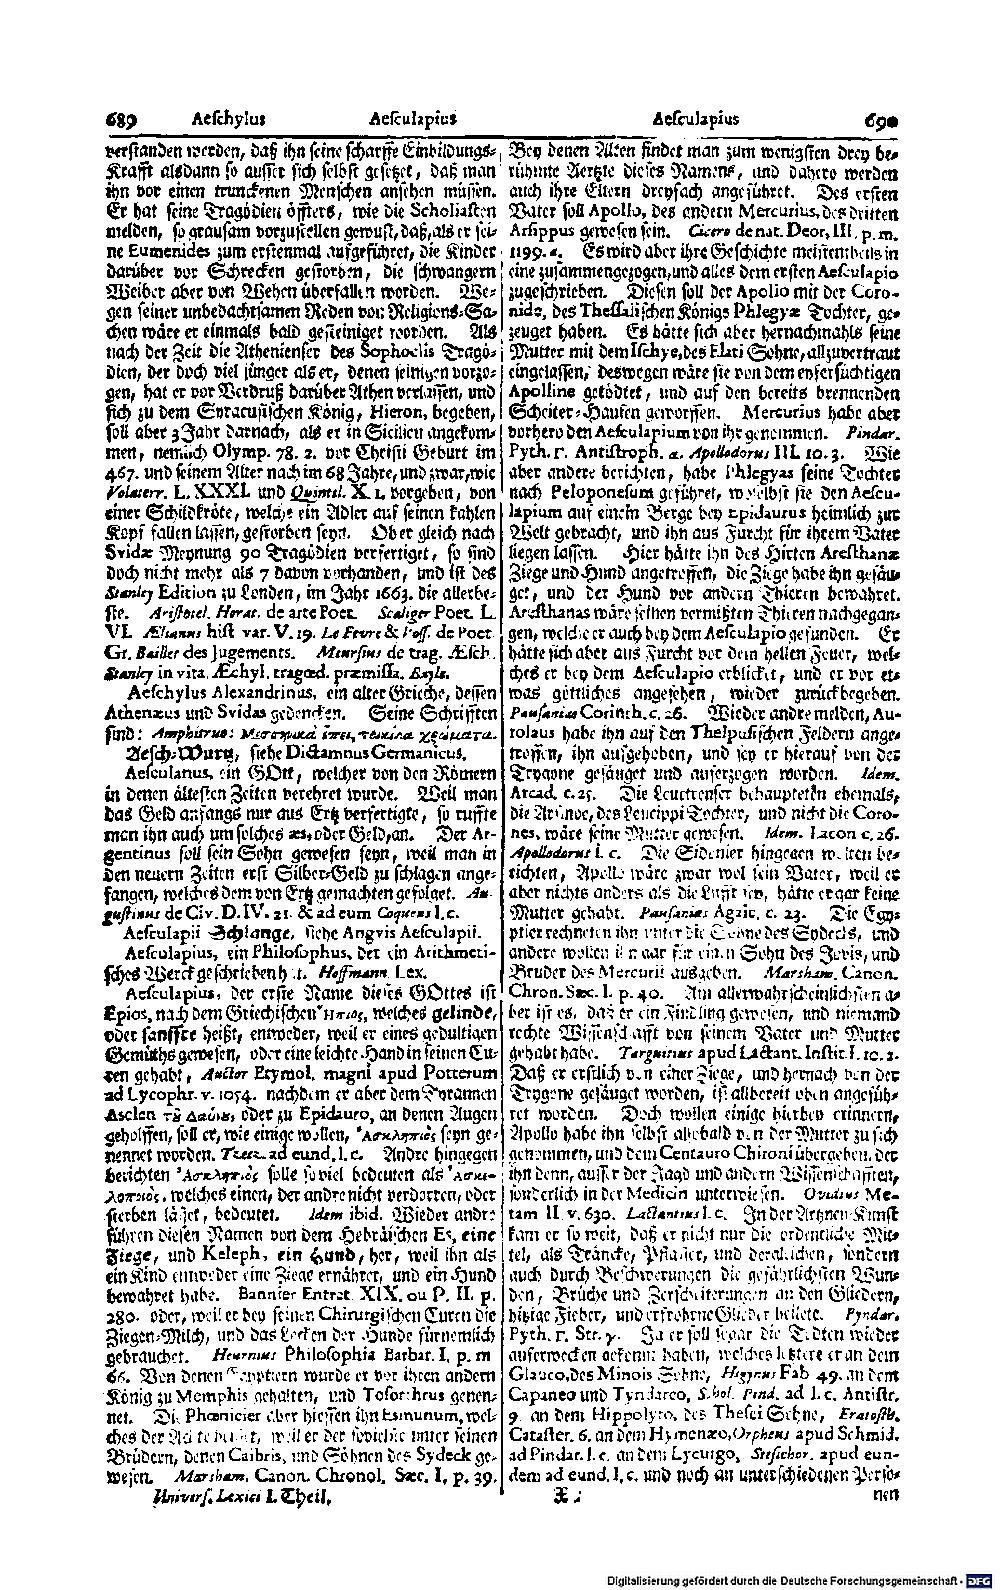 Bd. 01, Seite 0384.